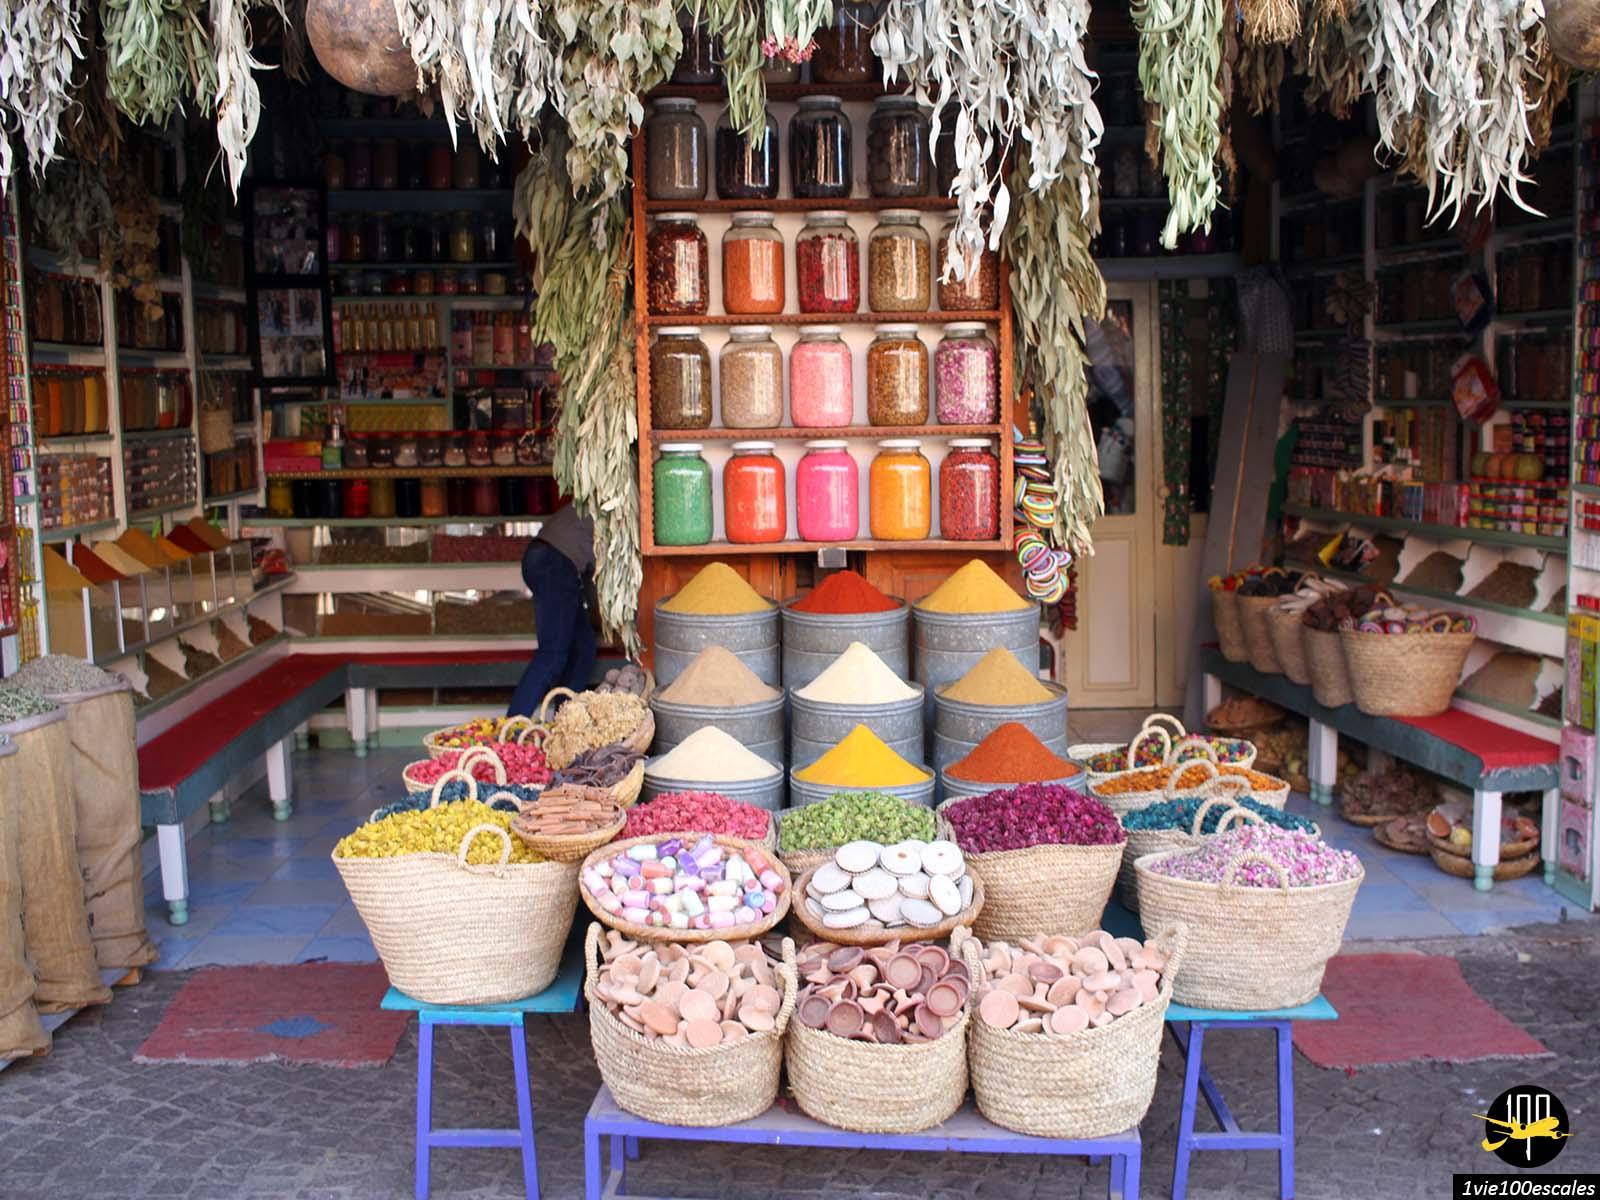 La place des épices de Marrakech avec ses vendeurs et produits colorés